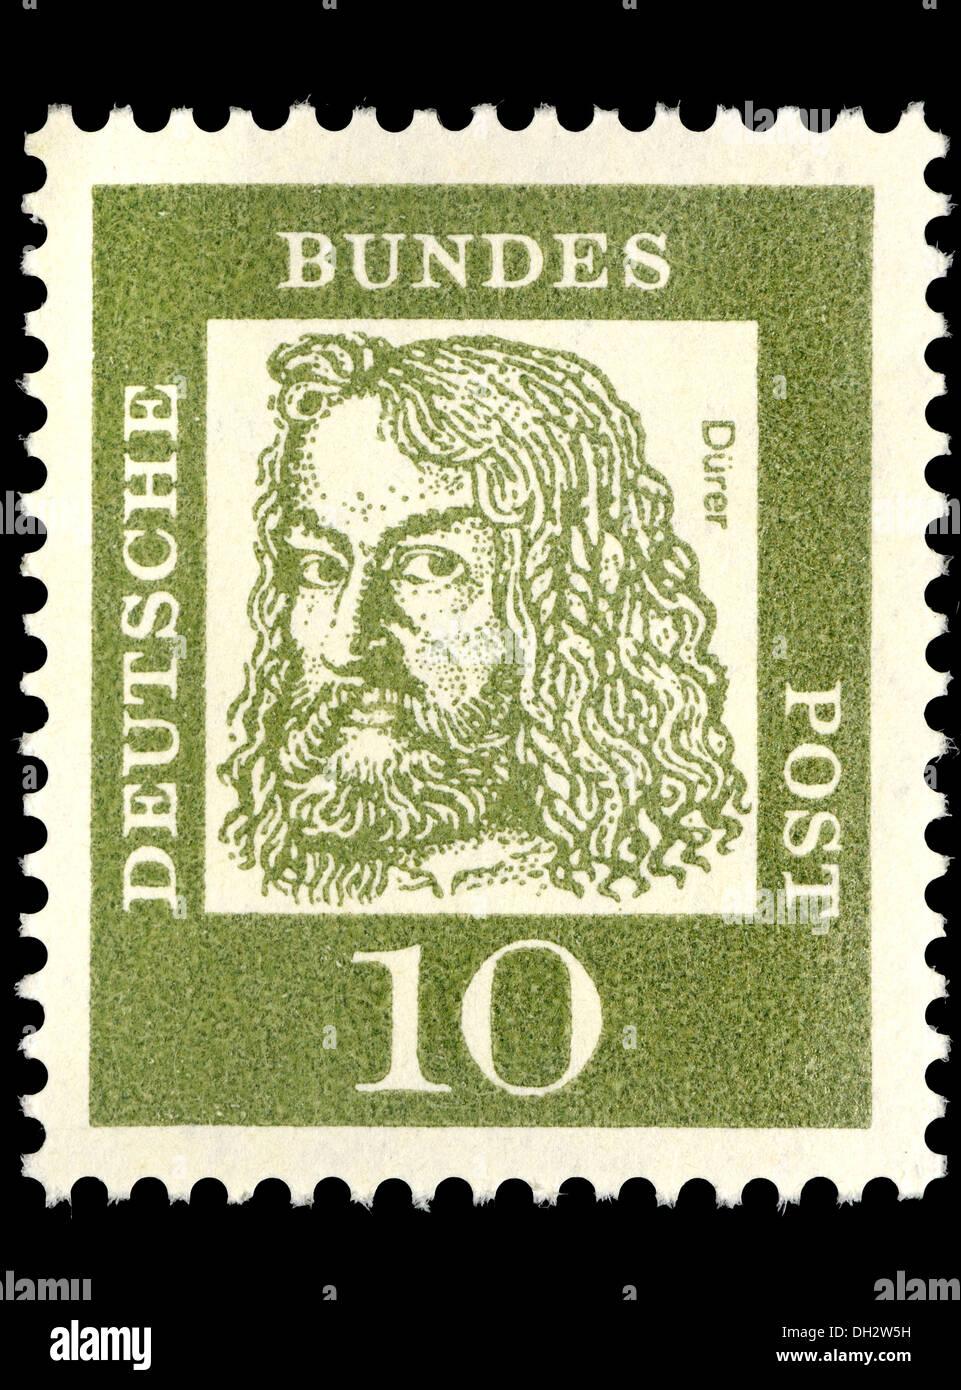 Porträt von Albrecht Dürer (1471-1528: deutscher Künstler und Grafiker) auf Deutsche Briefmarke Stockbild